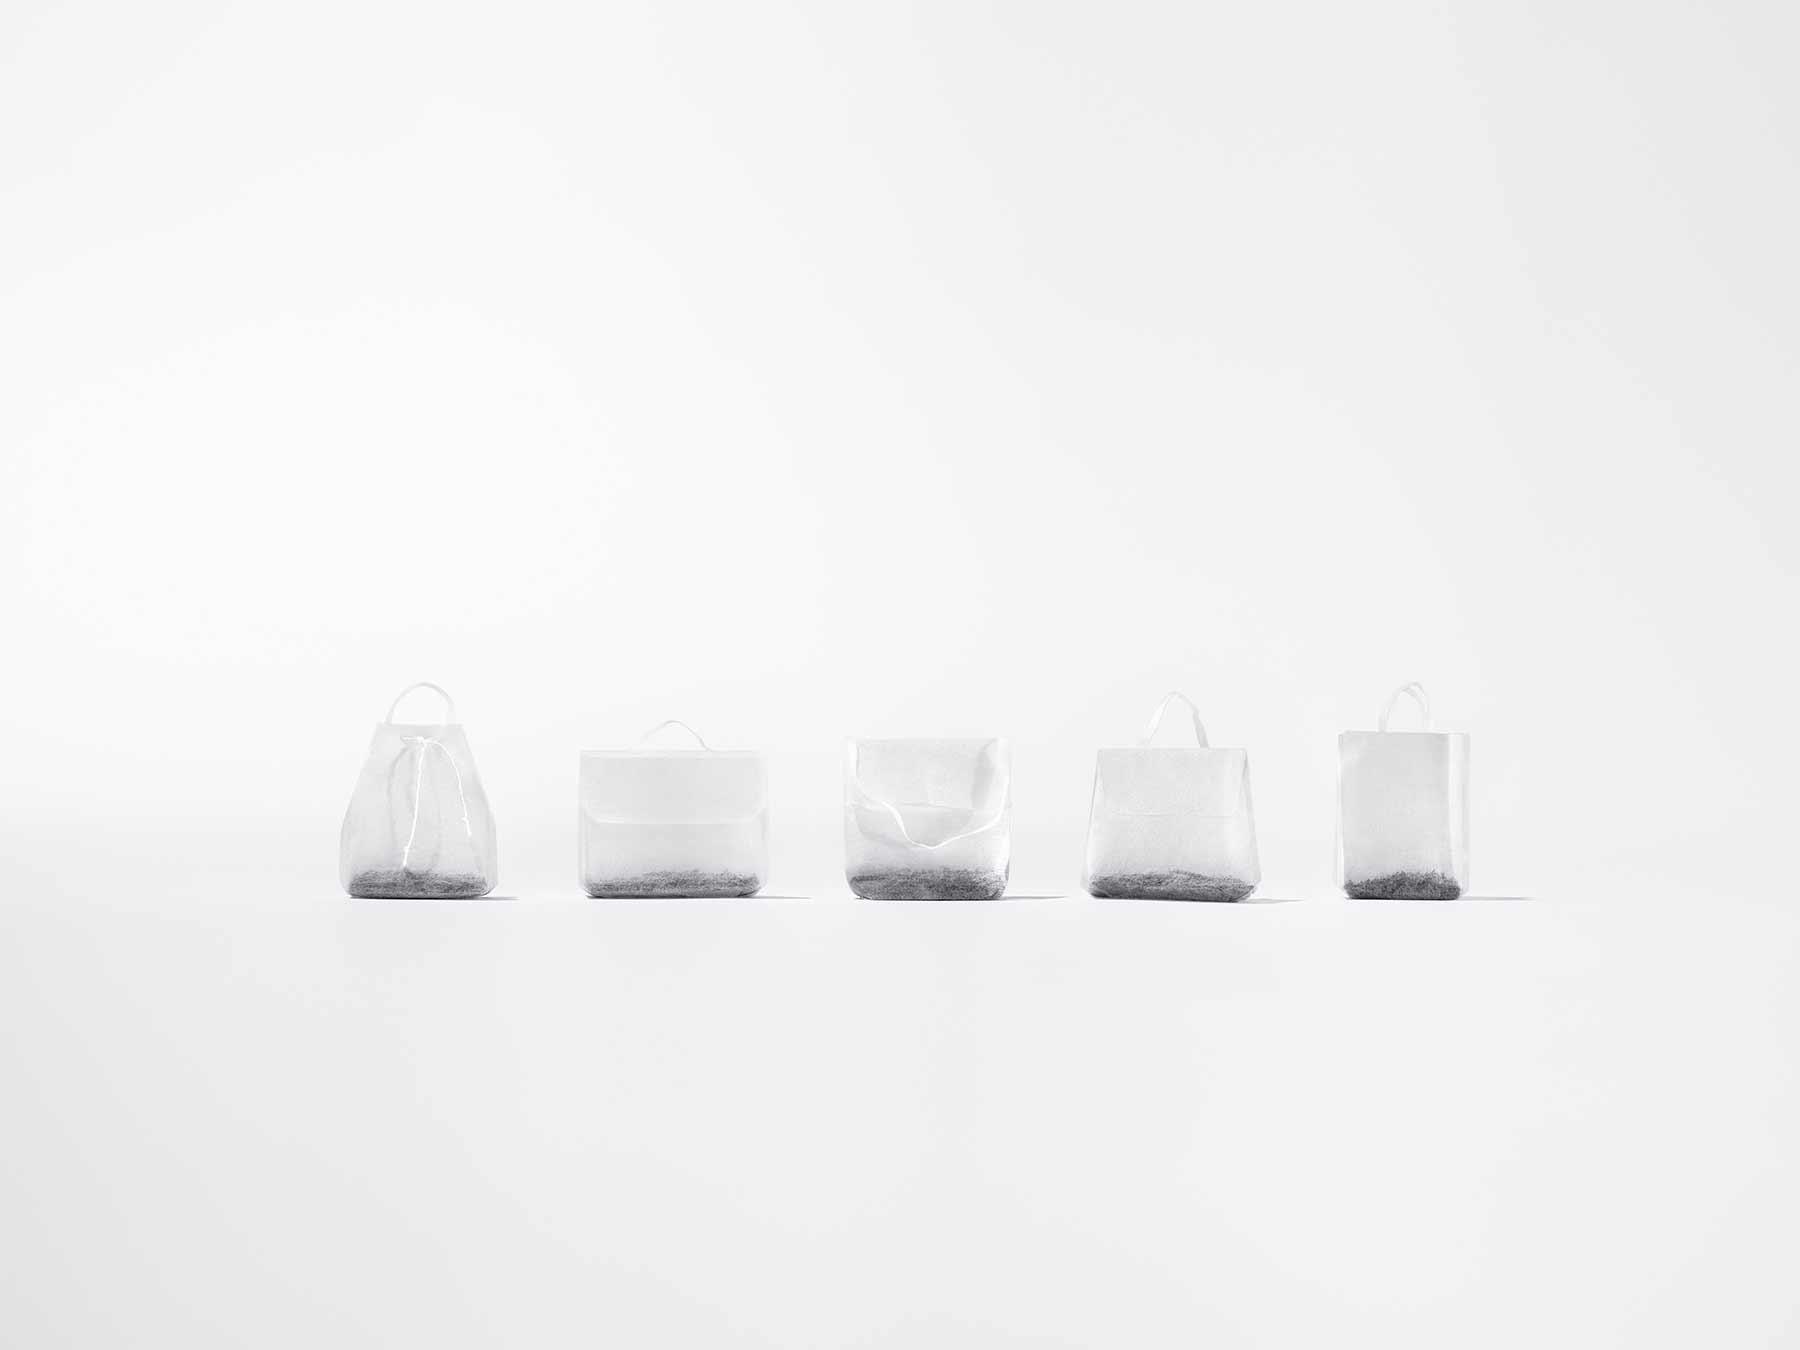 Designertaschen-Teebeutel teabag-collection-teebeutel-handtaschen_03